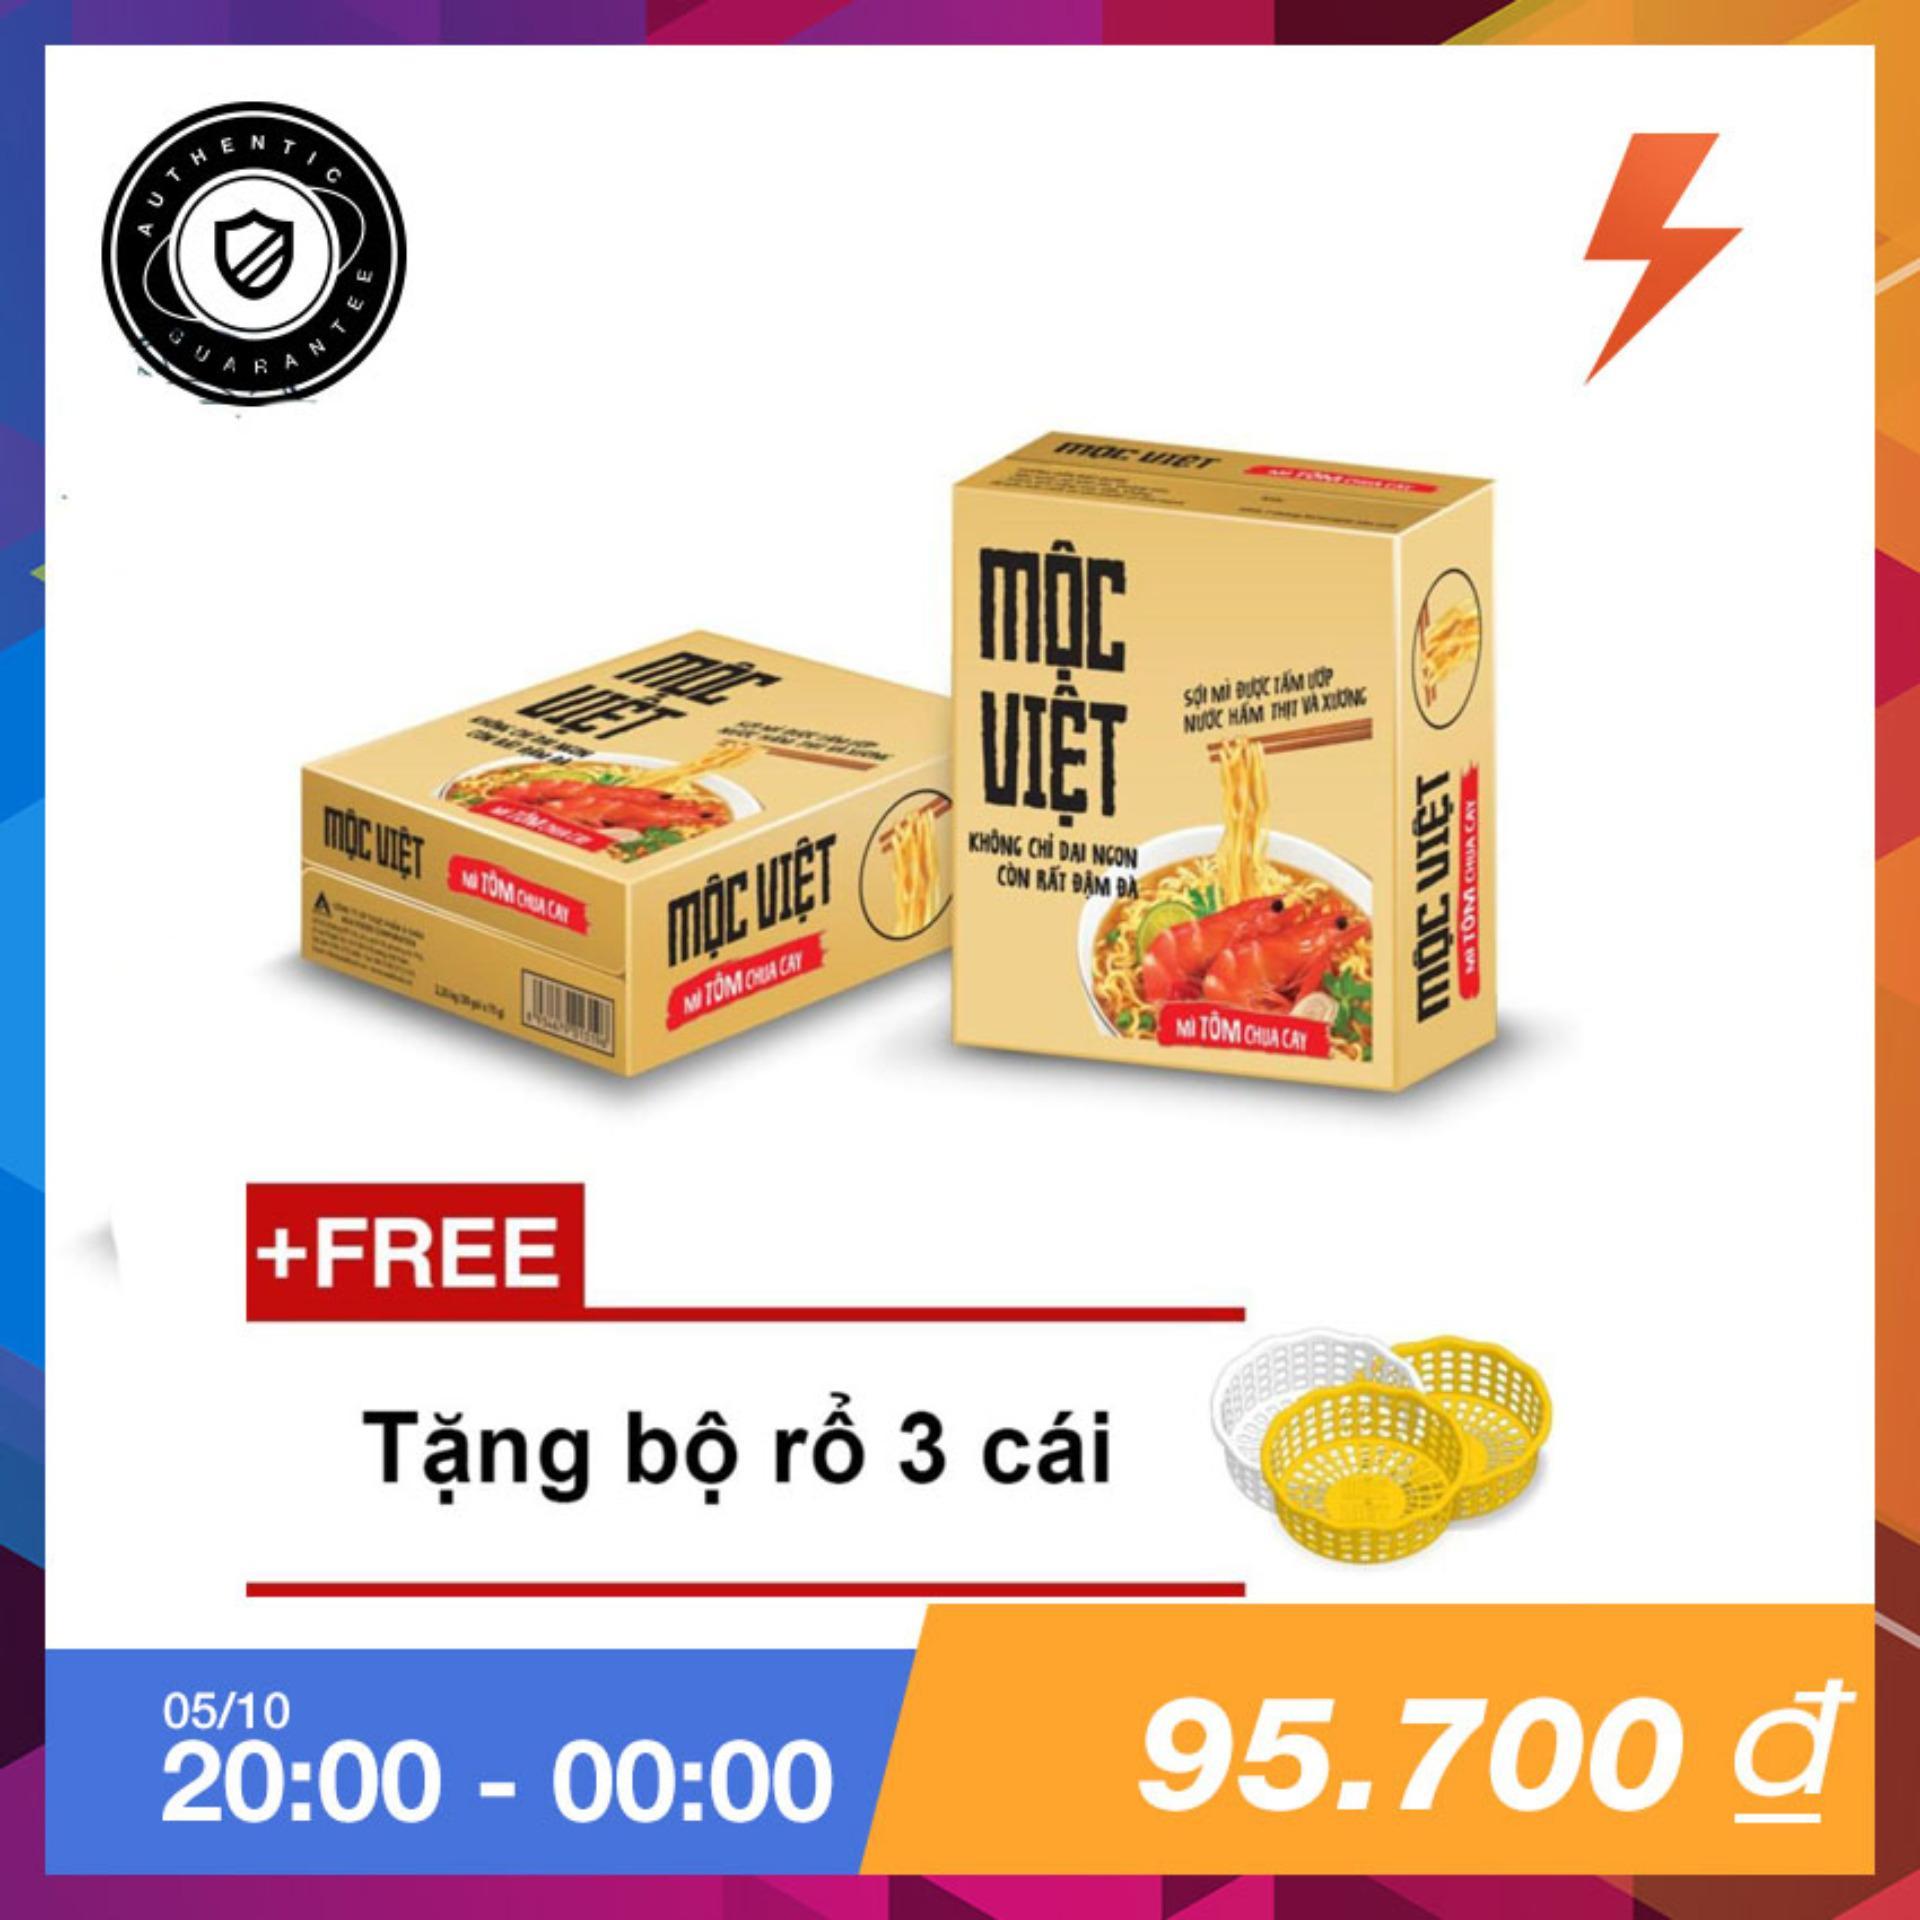 Giá Bán Thung 30 Goi Mi Mộc Việt Vị Tom Chua Cay Tặng Bộ Rổ 3 Cai Mộc Việt Nguyên